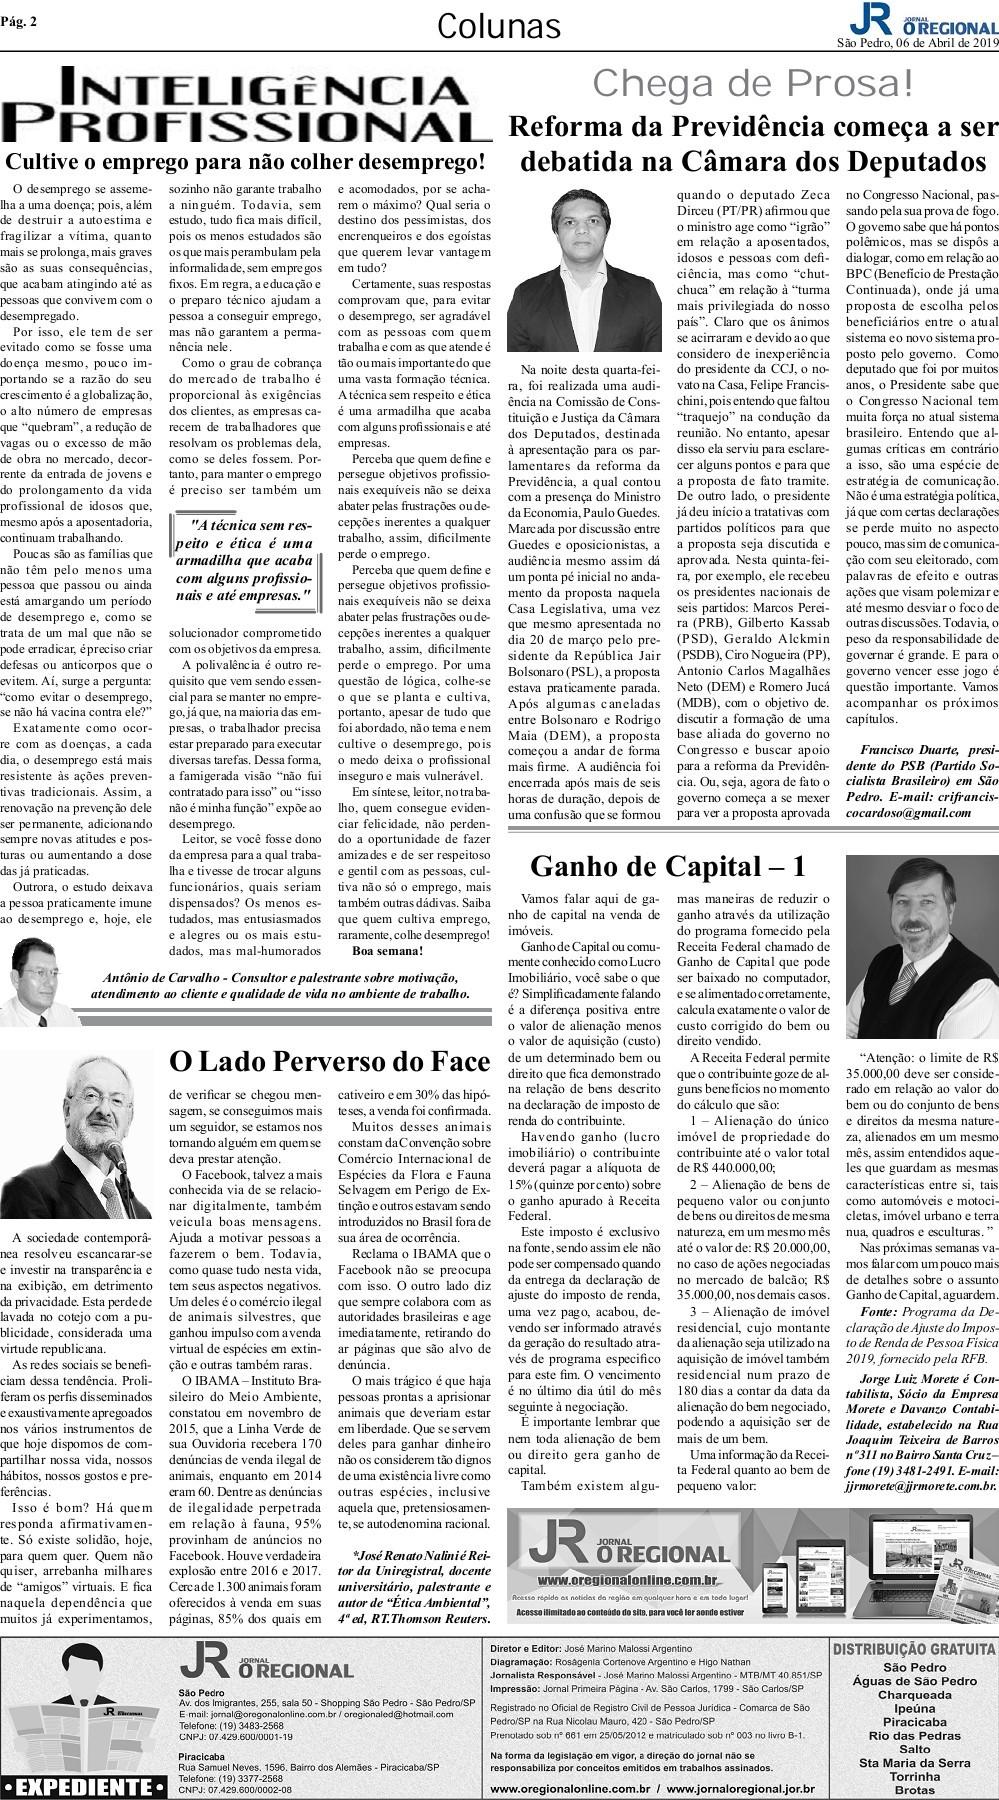 Agrada O Papai Que Tu Monta jornal o regional edição 670 06/04/2019-flip book pages 1-38